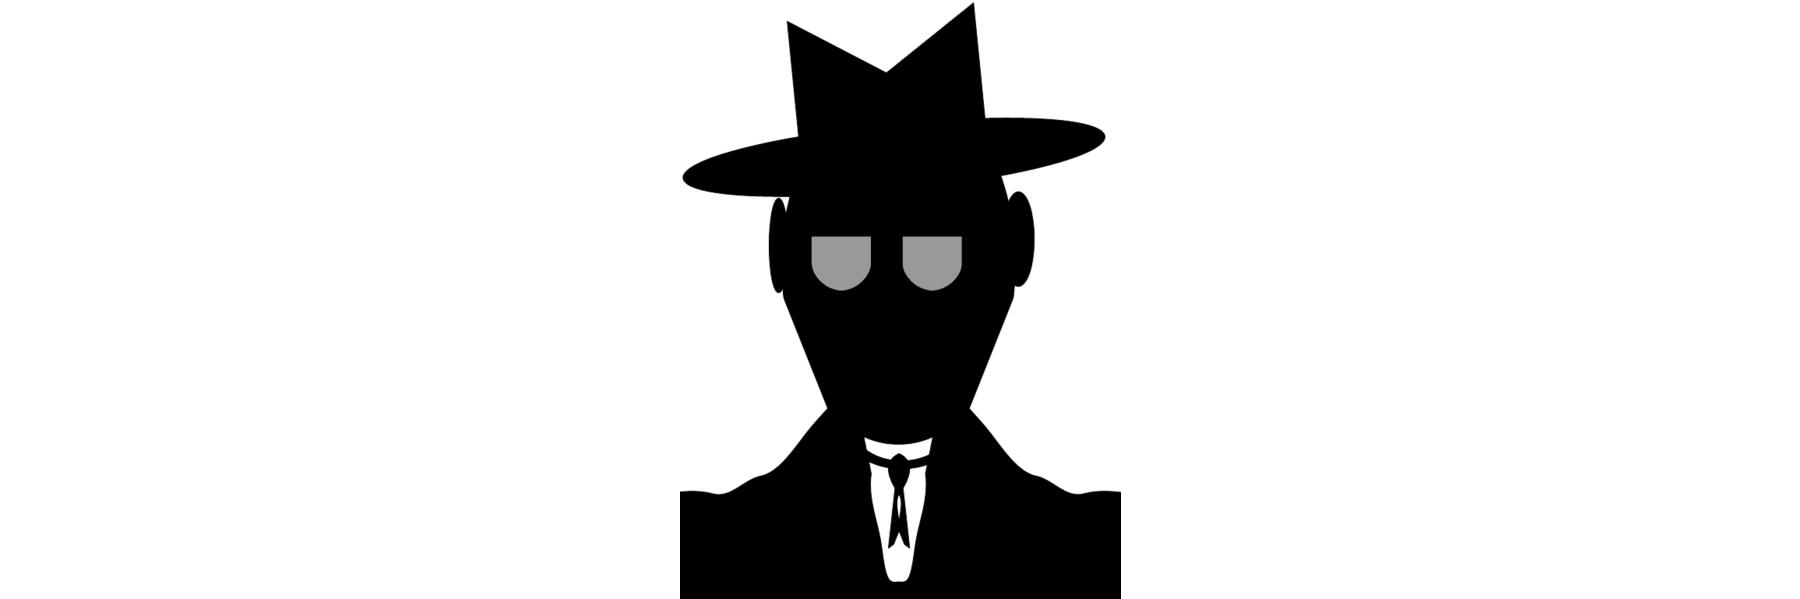 spy silhouette